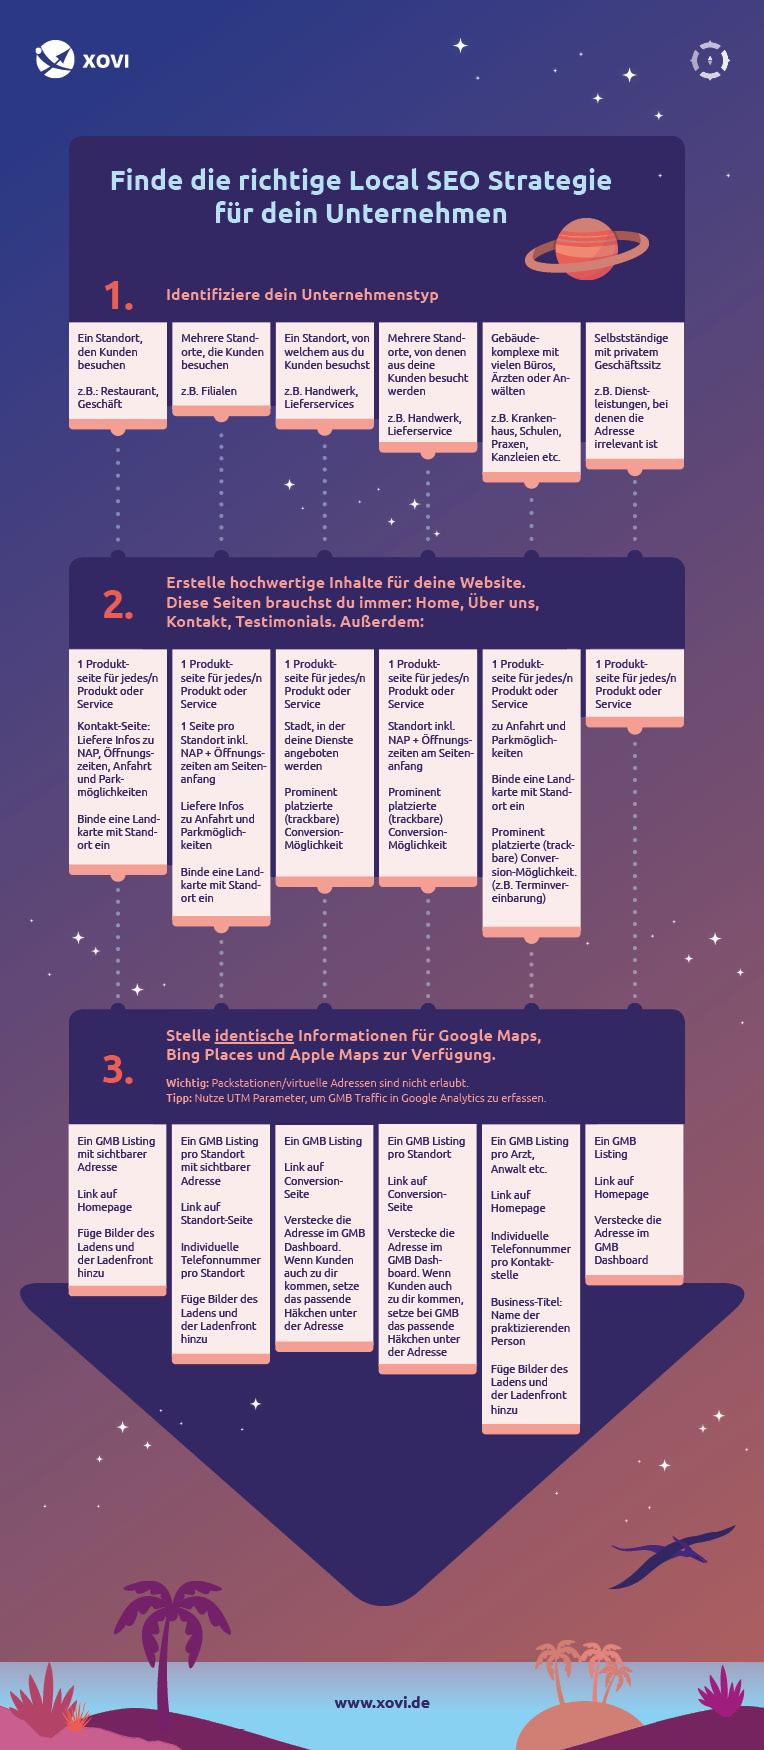 Infografik für Local SEO nach Unternehmenstyp